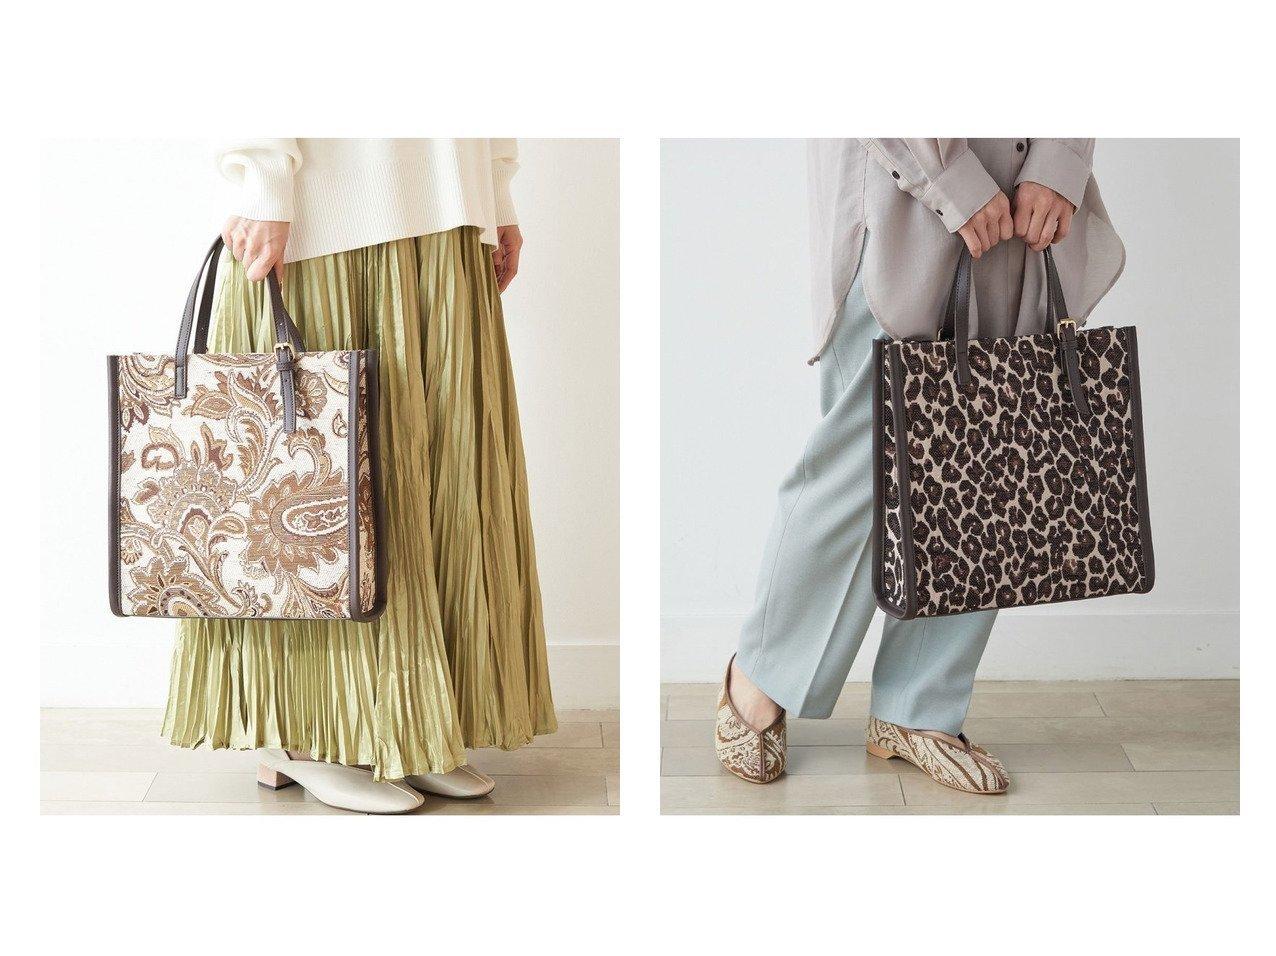 【ROPE'PICNIC PASSAGE/ロペピクニック パサージュ】のジャガードコンビバックルハンドルトート ショルダーバッグ バッグ・鞄のおすすめ!人気、トレンド・レディースファッションの通販 おすすめで人気の流行・トレンド、ファッションの通販商品 メンズファッション・キッズファッション・インテリア・家具・レディースファッション・服の通販 founy(ファニー) https://founy.com/ ファッション Fashion レディースファッション WOMEN バッグ Bag NEW・新作・新着・新入荷 New Arrivals ペイズリー レオパード  ID:crp329100000016347